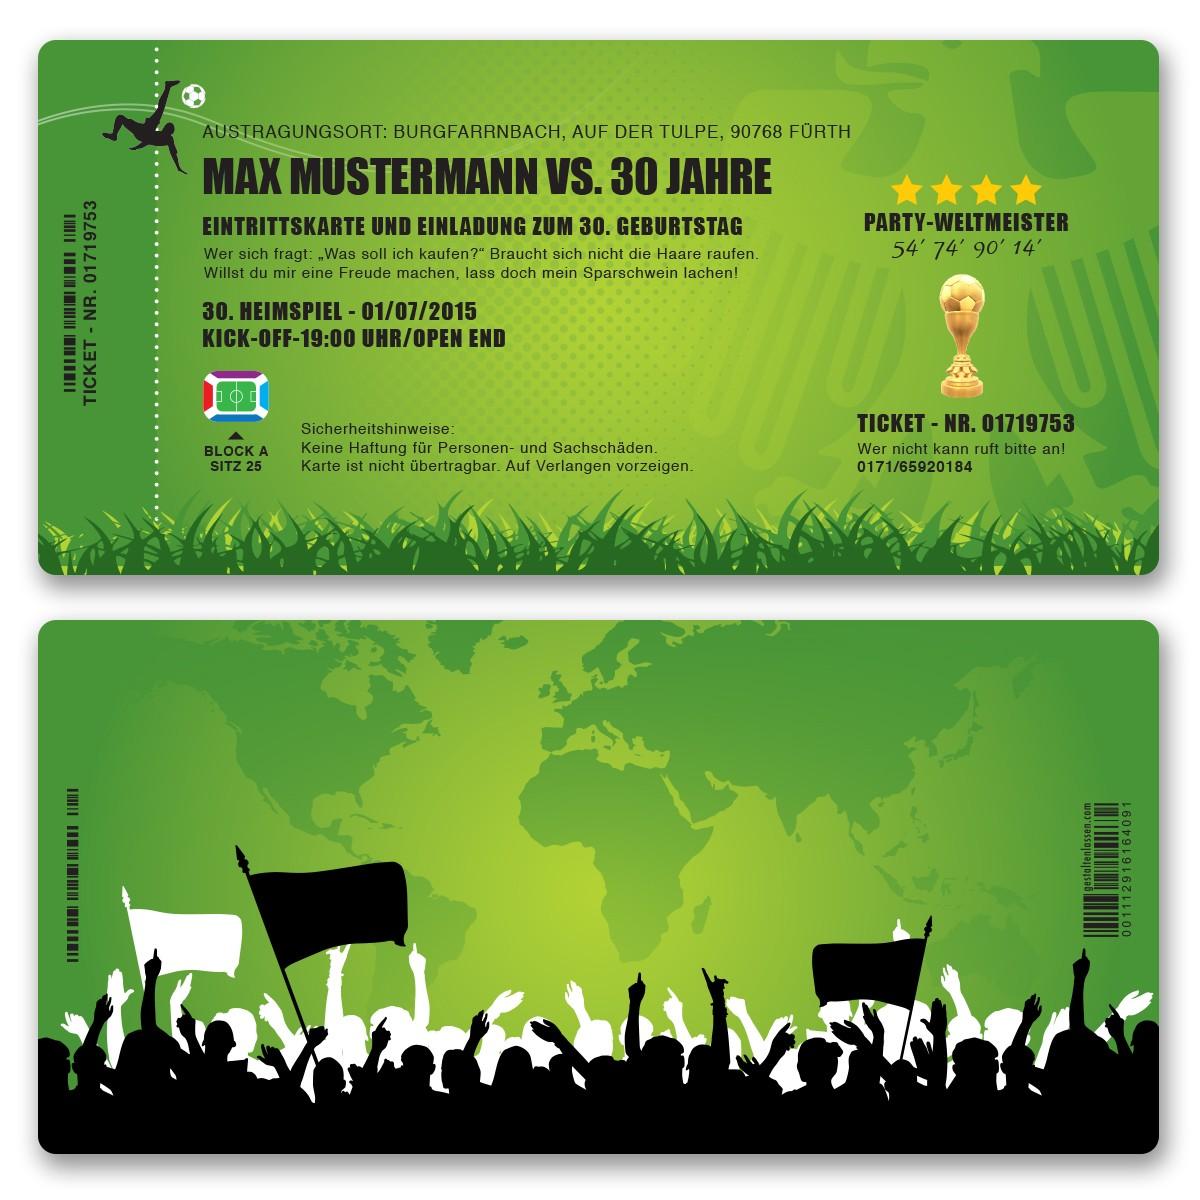 Einladungskarten als Eintrittskarte Fussballticket bestellen